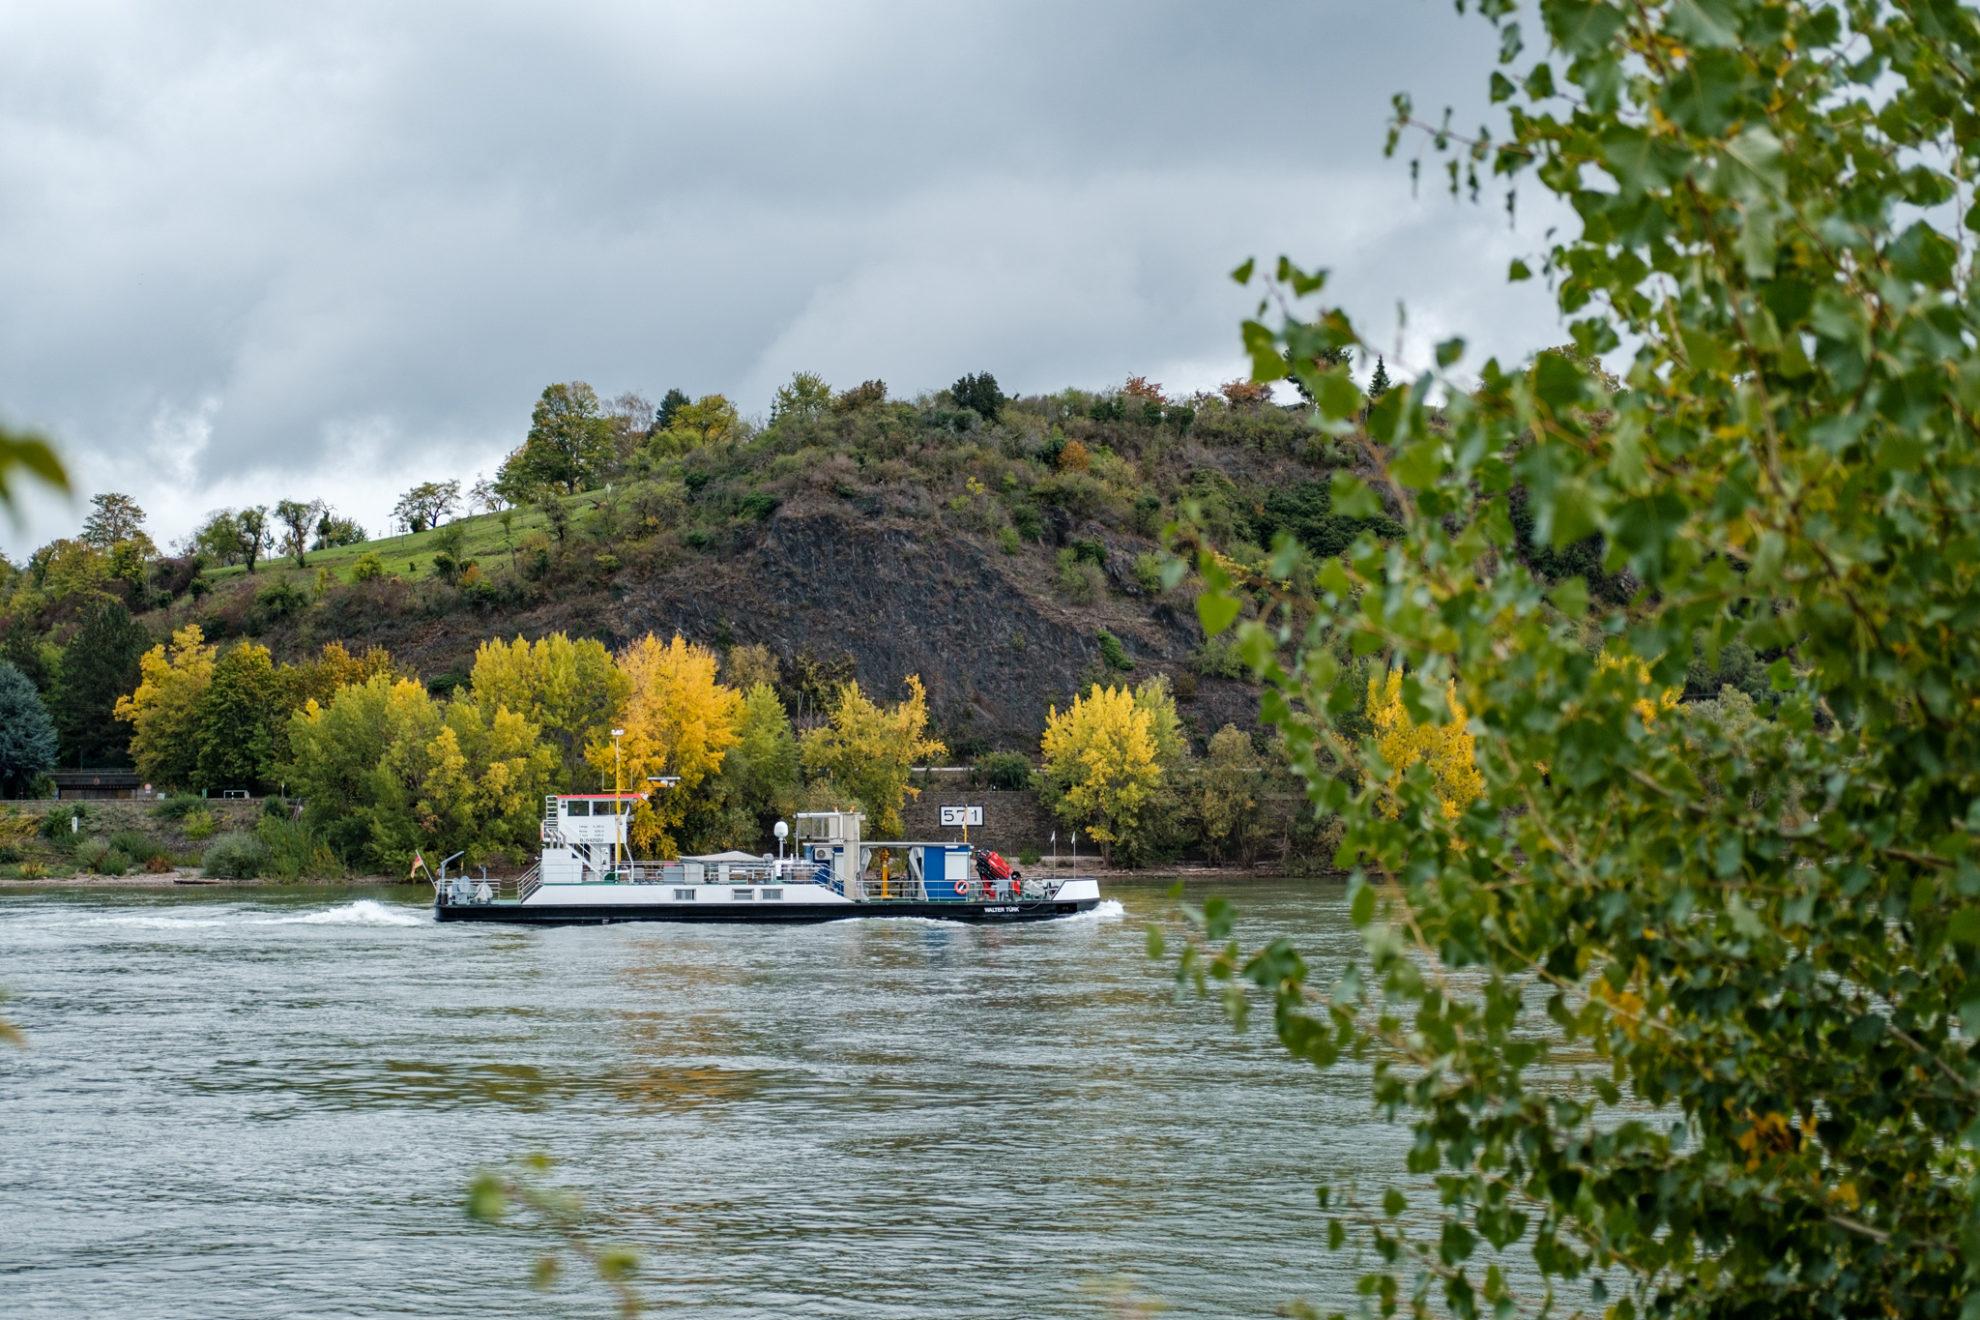 Ein Messschiff auf dem Rhein, im Hintergrund sind herbstlich gelb gefärbte Bäume.